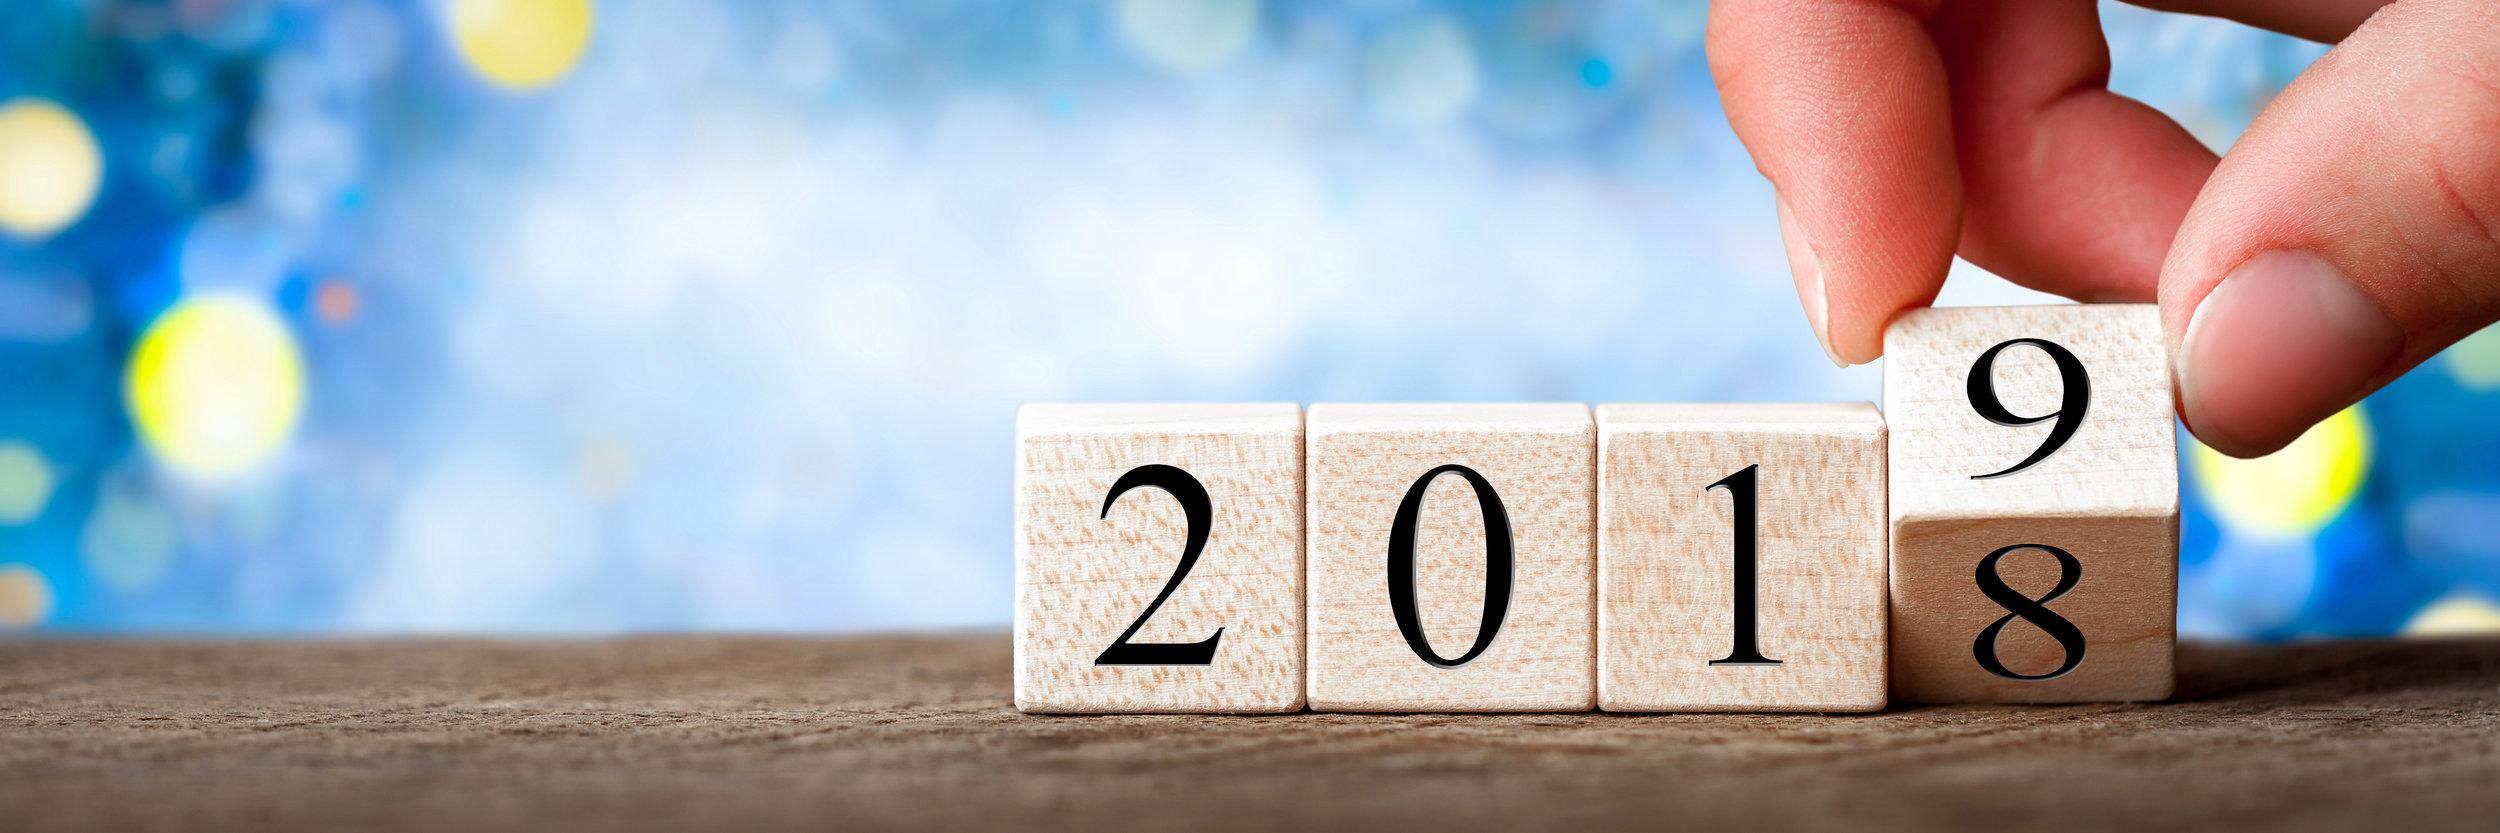 bilan-fin d'année-2018-2019-réflexion-témoignage-fêtes-Noël-famille-Maman-Je suis une maman